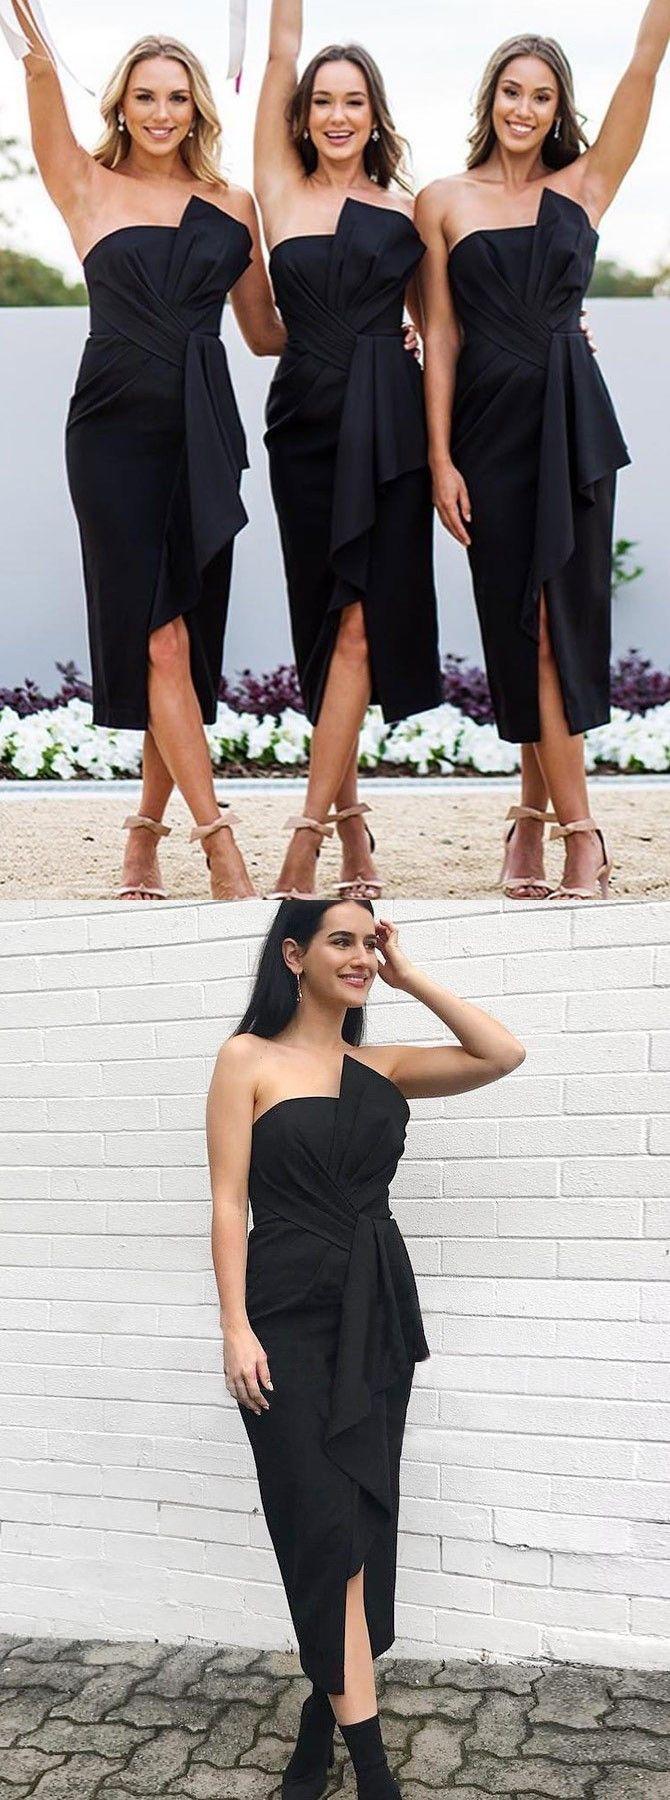 elegant black bridesmaid dresses, simple strapless tight